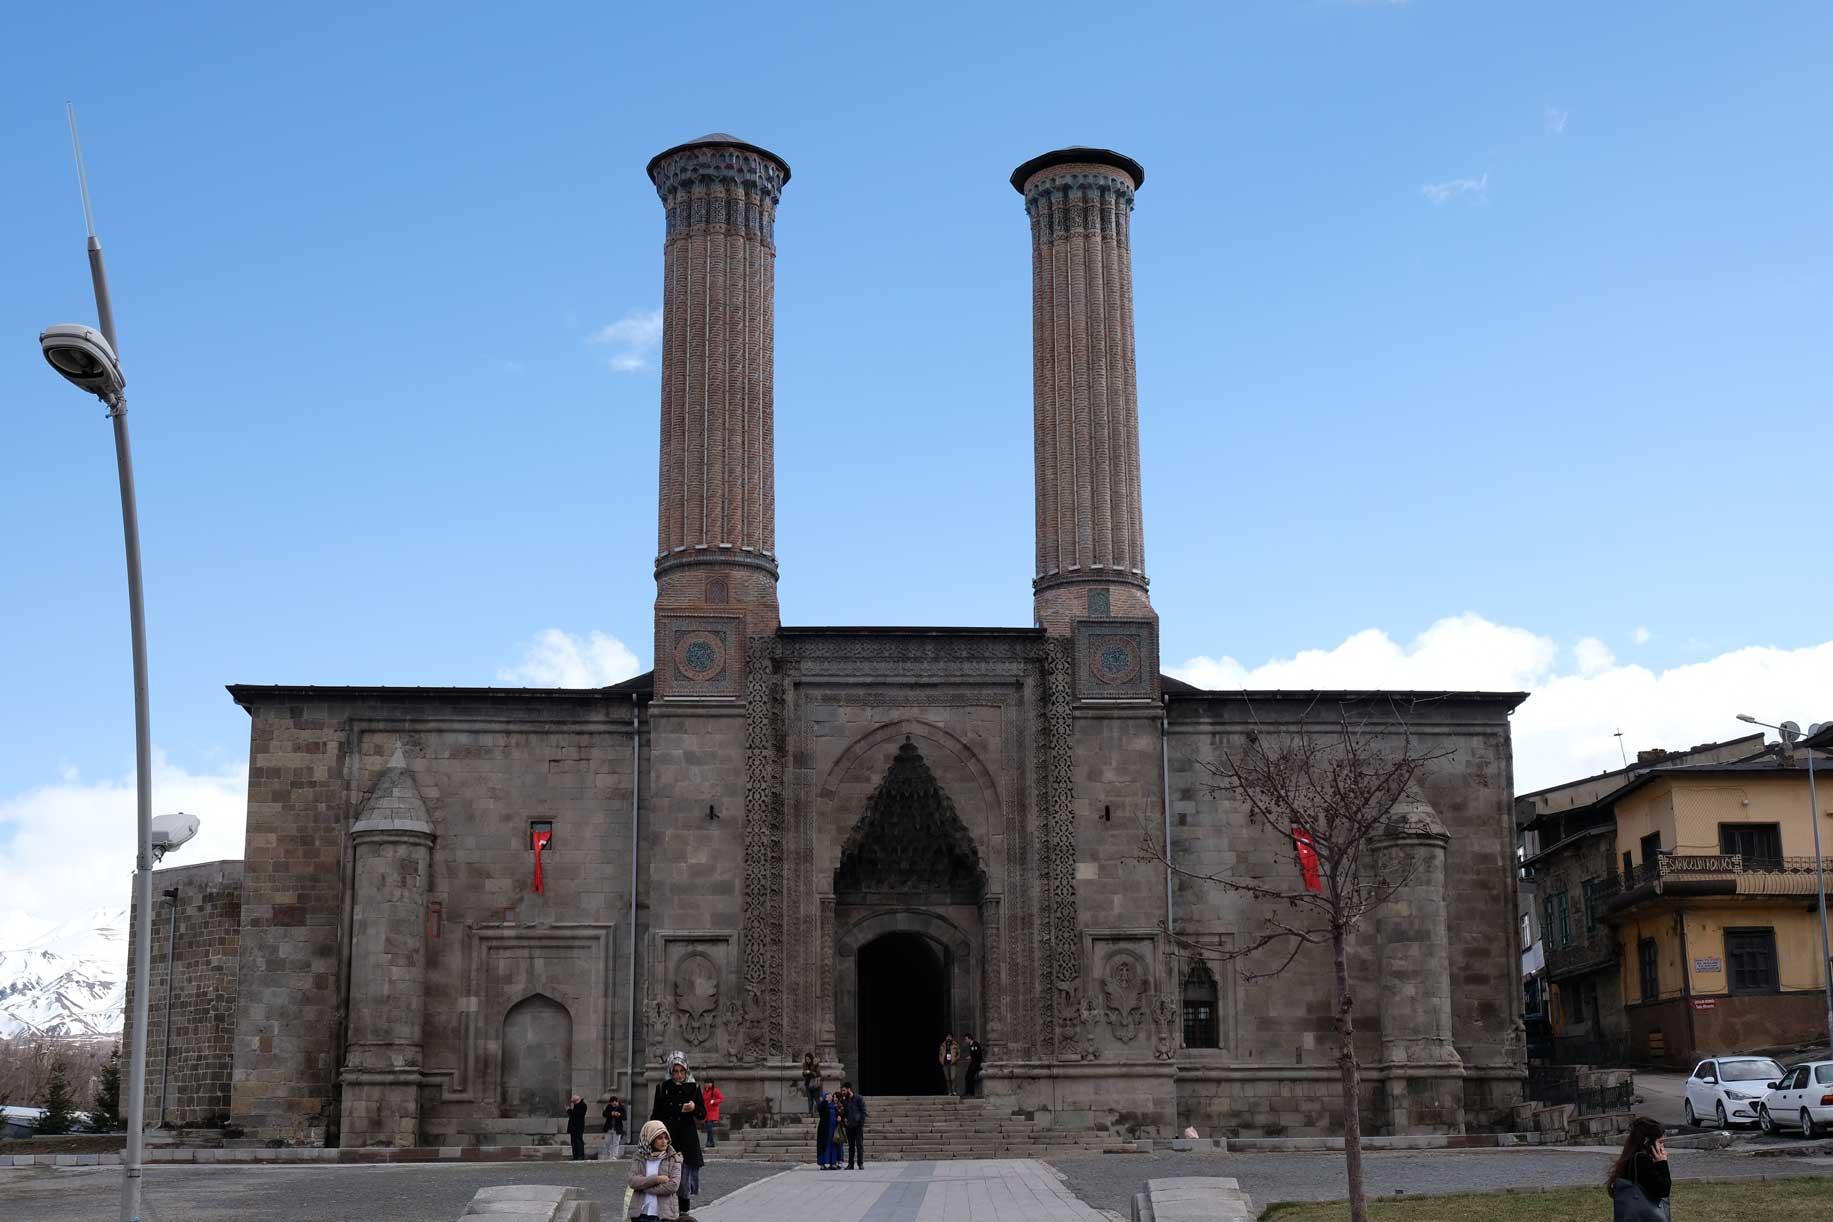 Die Çifte-Minare-Medrese